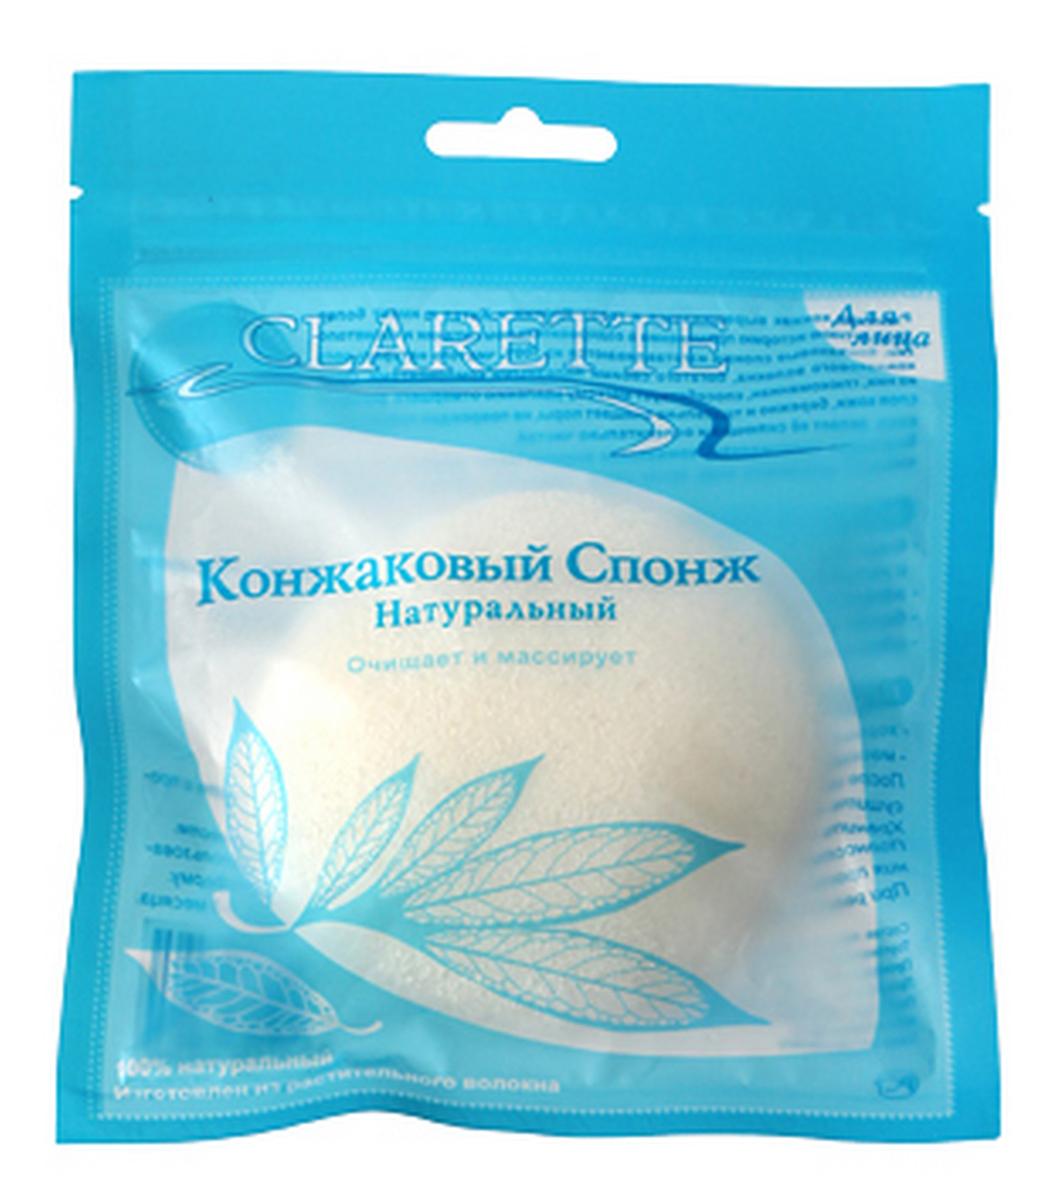 Clarette Конжаковый спонж натуральный для лица,белый2101-WX-01Конжаковый спонж натуральный для лица. Подходит для любого типа кожи. Очищает и массирует 100% натуральный. Изготовлен из растительного волокна. Растение Конжак выращивается в горах Японии и Китая и имеет более 2000-летнюю историю применения в оздоровительном питании и косметологии. Конжаковые спонжи изготавливаются из 100% чистого натурального конжакового волокна, богатого своими полезными компонентами. Один из них, глюкоманан, способствует мягкому удалению отмершего рогового слоя кожи, бережно и тщательно очищает поры, не повреждая поверхностть кожи, делает ее сияющей и ослепительно чистой. Благодаря глюкоманану, конжаковое волокно имеет удивительную способность удерживать воду делая спонж невероятно мягким и нежным. Благодаря необычайно мягкой структуре, спонж аккуратно очищает, массирует и увлажняет кожу, придавая ей натуральный блеск - эффективно борется с бактериями, вызывающими угревую сыпь (акне)- балансирует PH кожи.